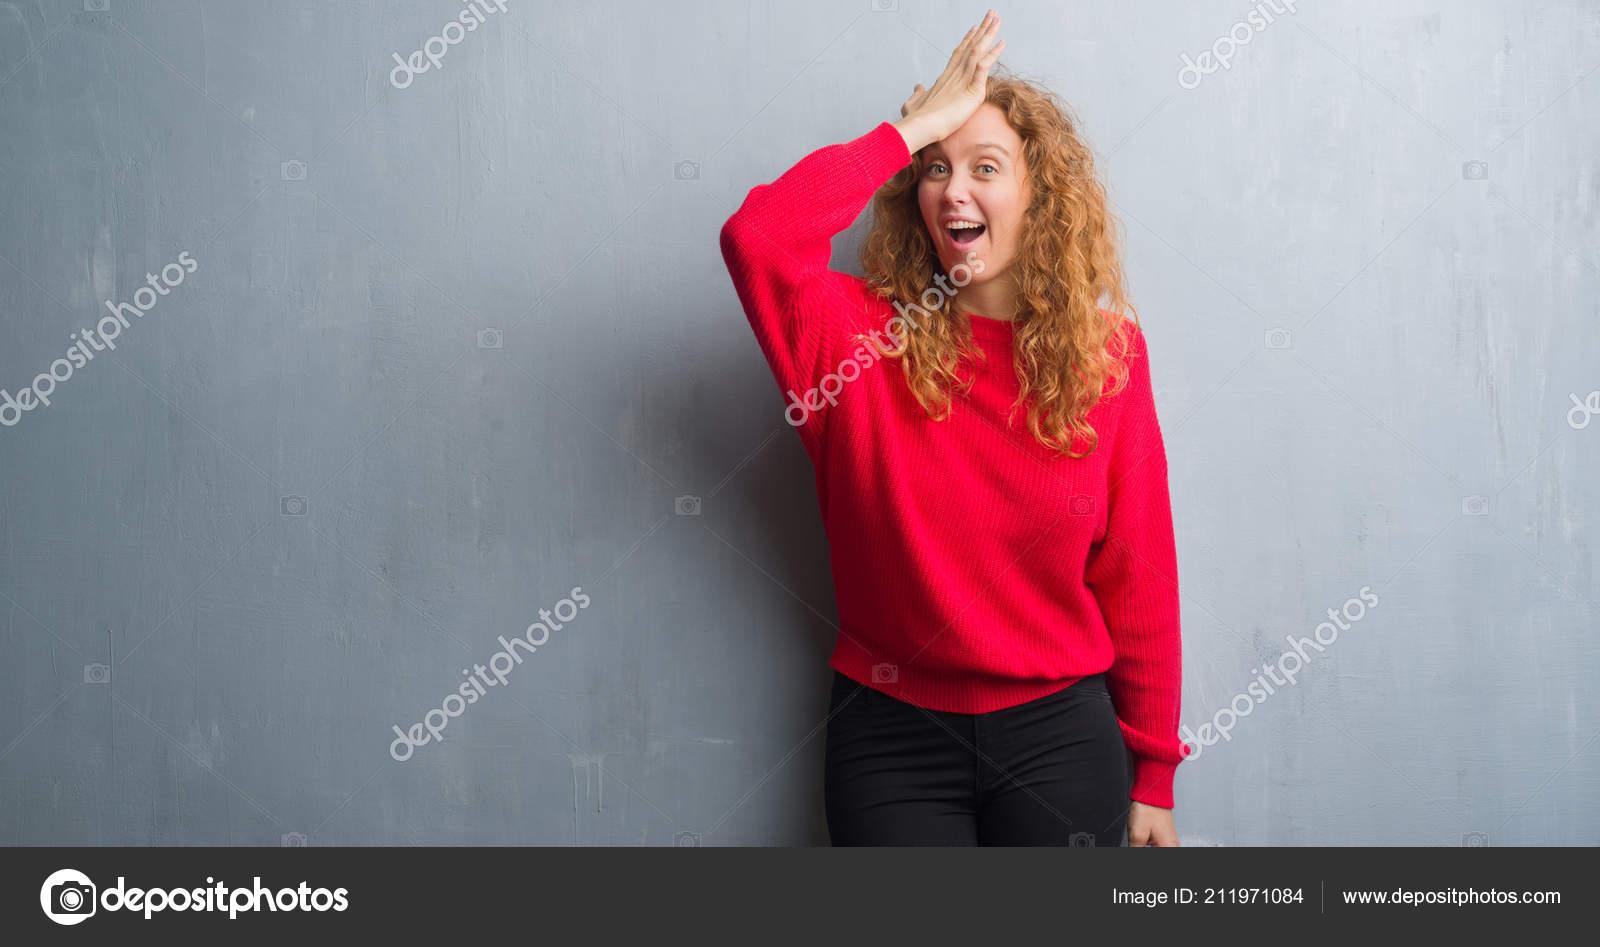 d416fd0ab Camisola Mulher Sobre Grunge Cinza Parede Vestindo Vermelho Jovem Ruiva —  Fotografia de Stock